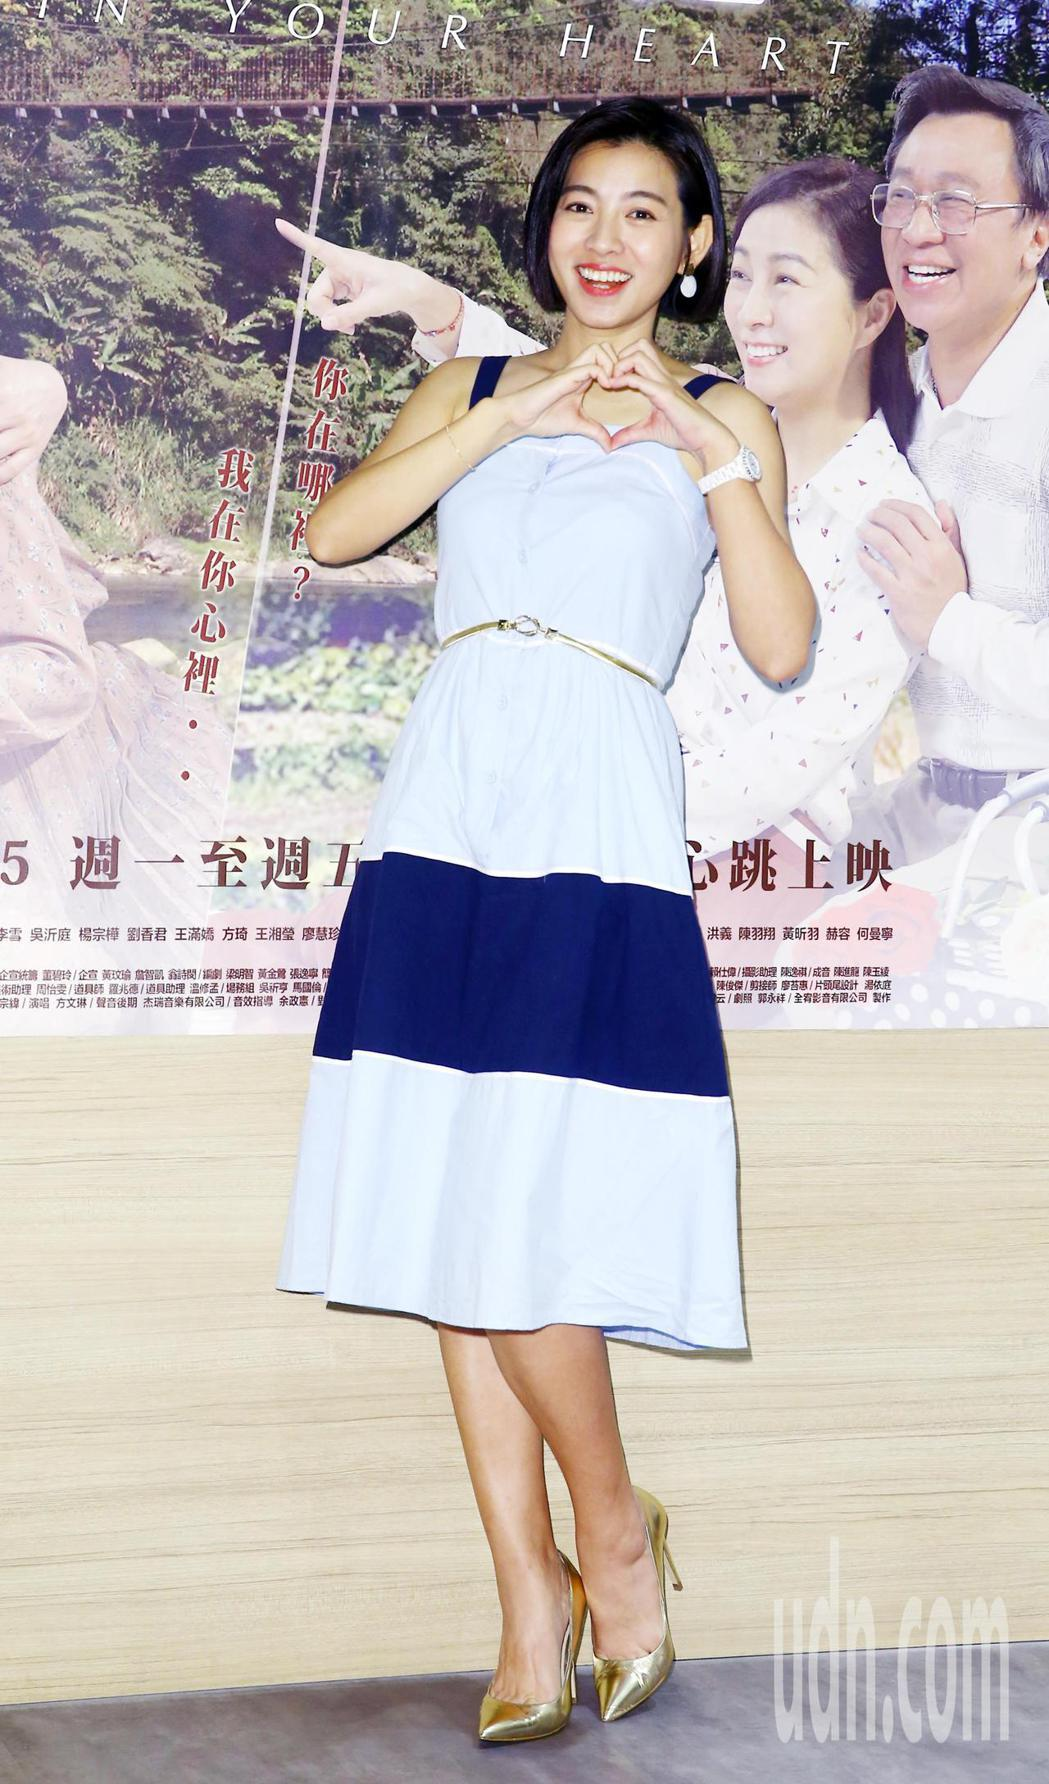 米可白在「我在你心裡」劇中飾演女主角「黃玉新」的年輕時期。記者杜建重/攝影